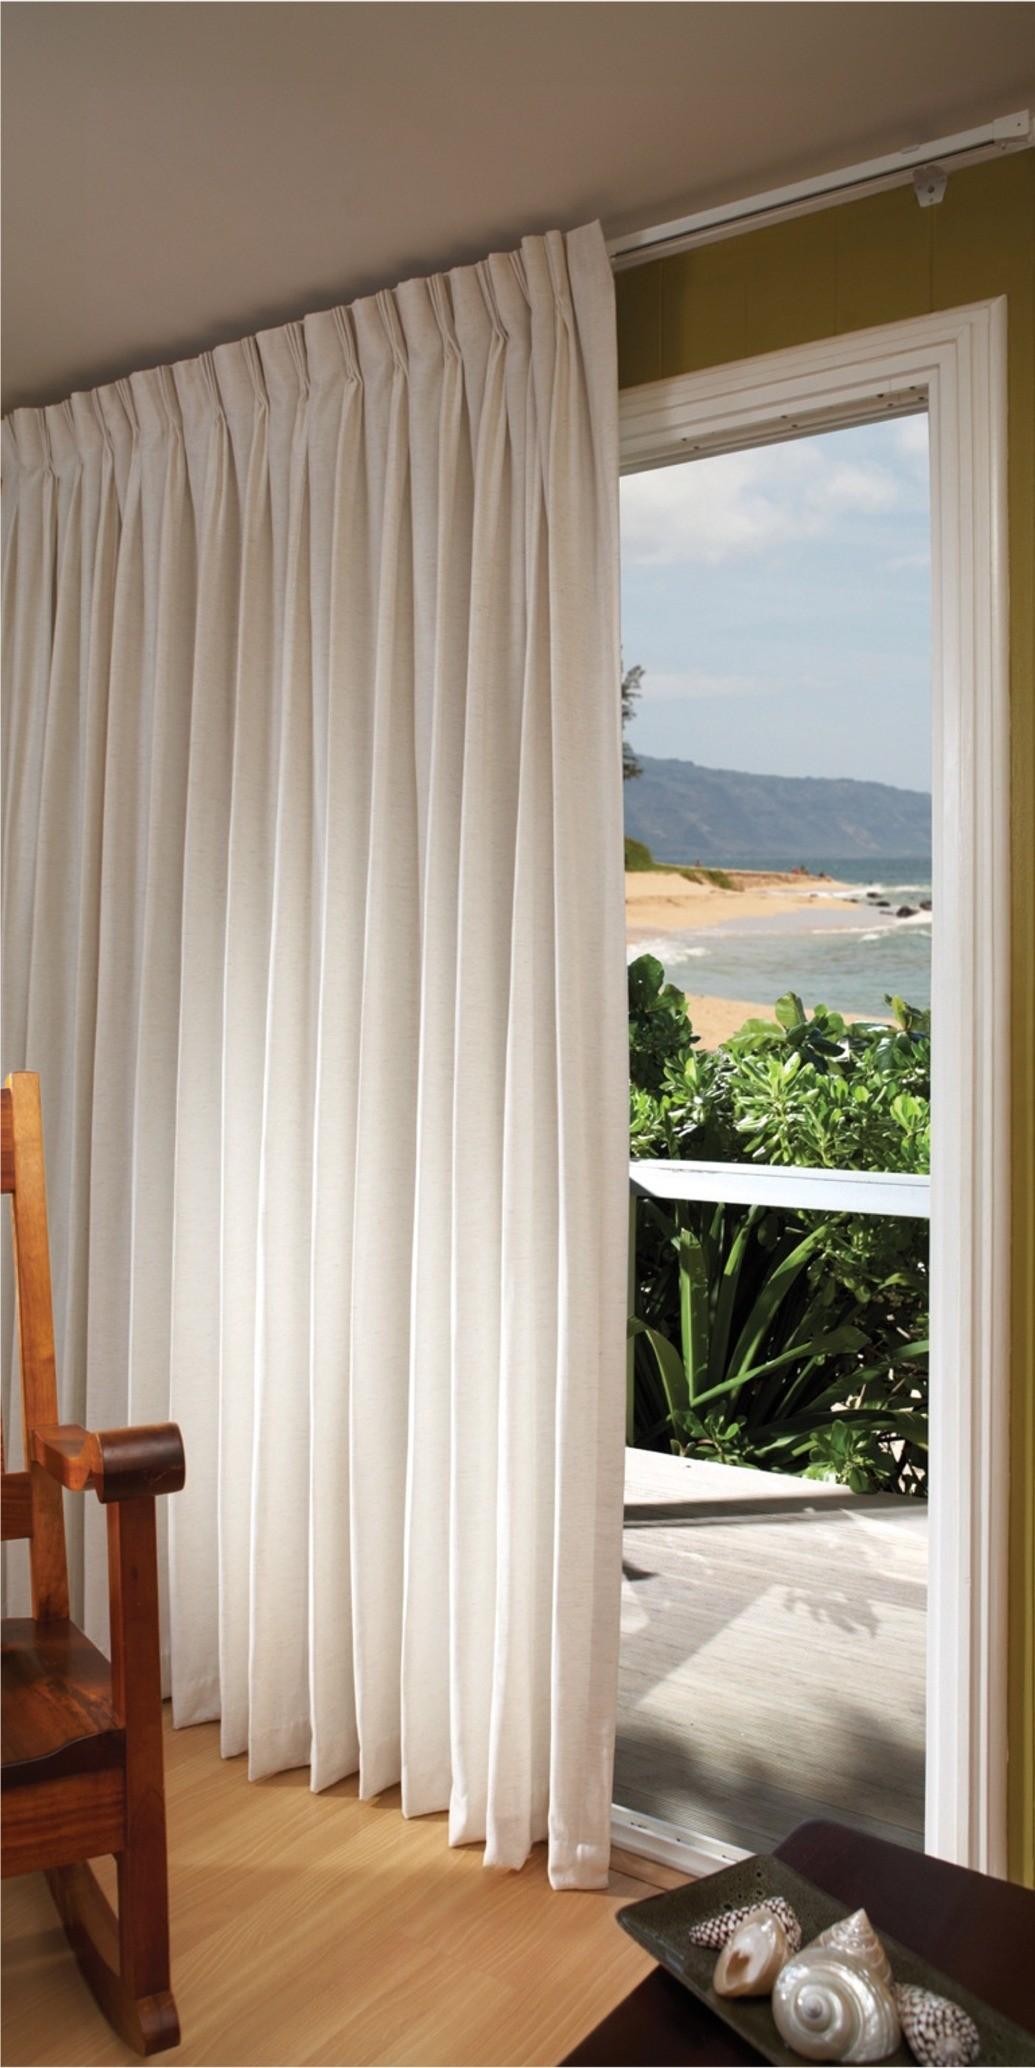 Window Fashions for Patio Doors - Kreative Kama'āina